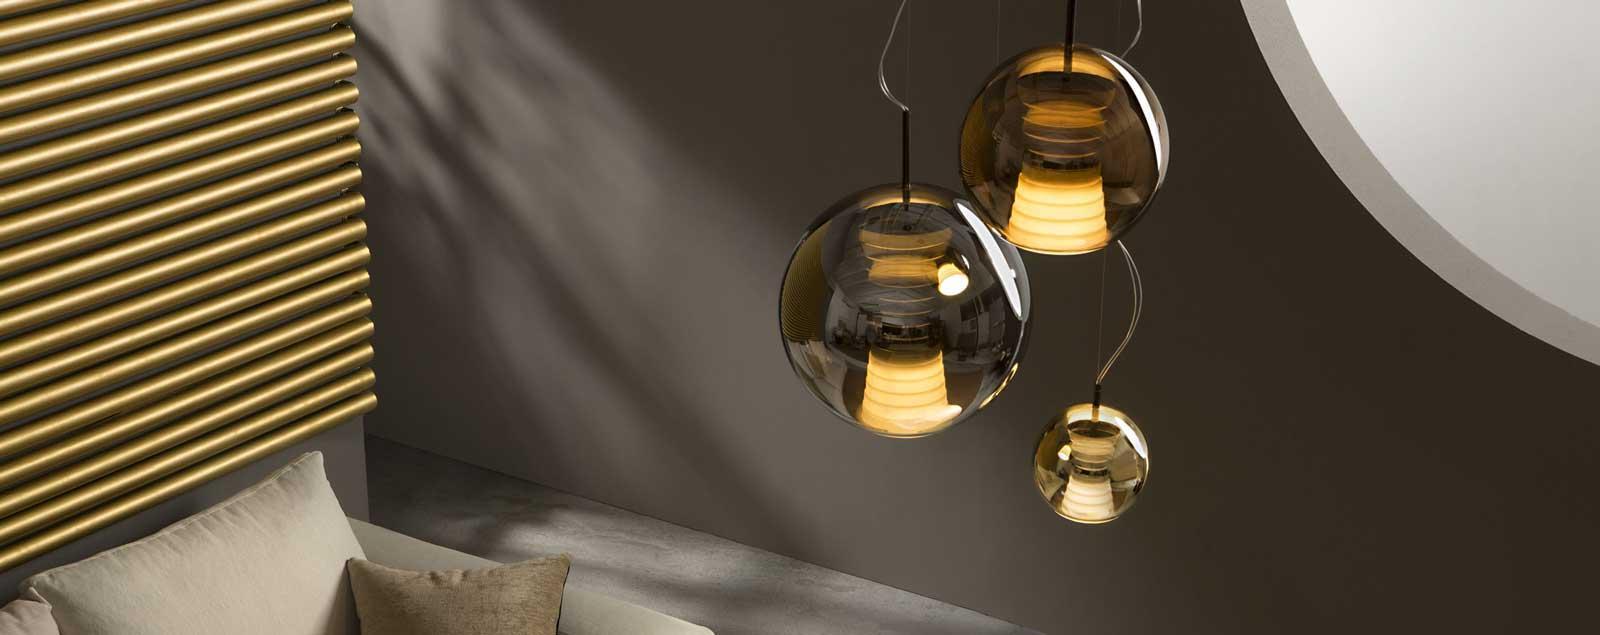 D57 Beluga Royal pendant lamp - Fabbian Illuminazione